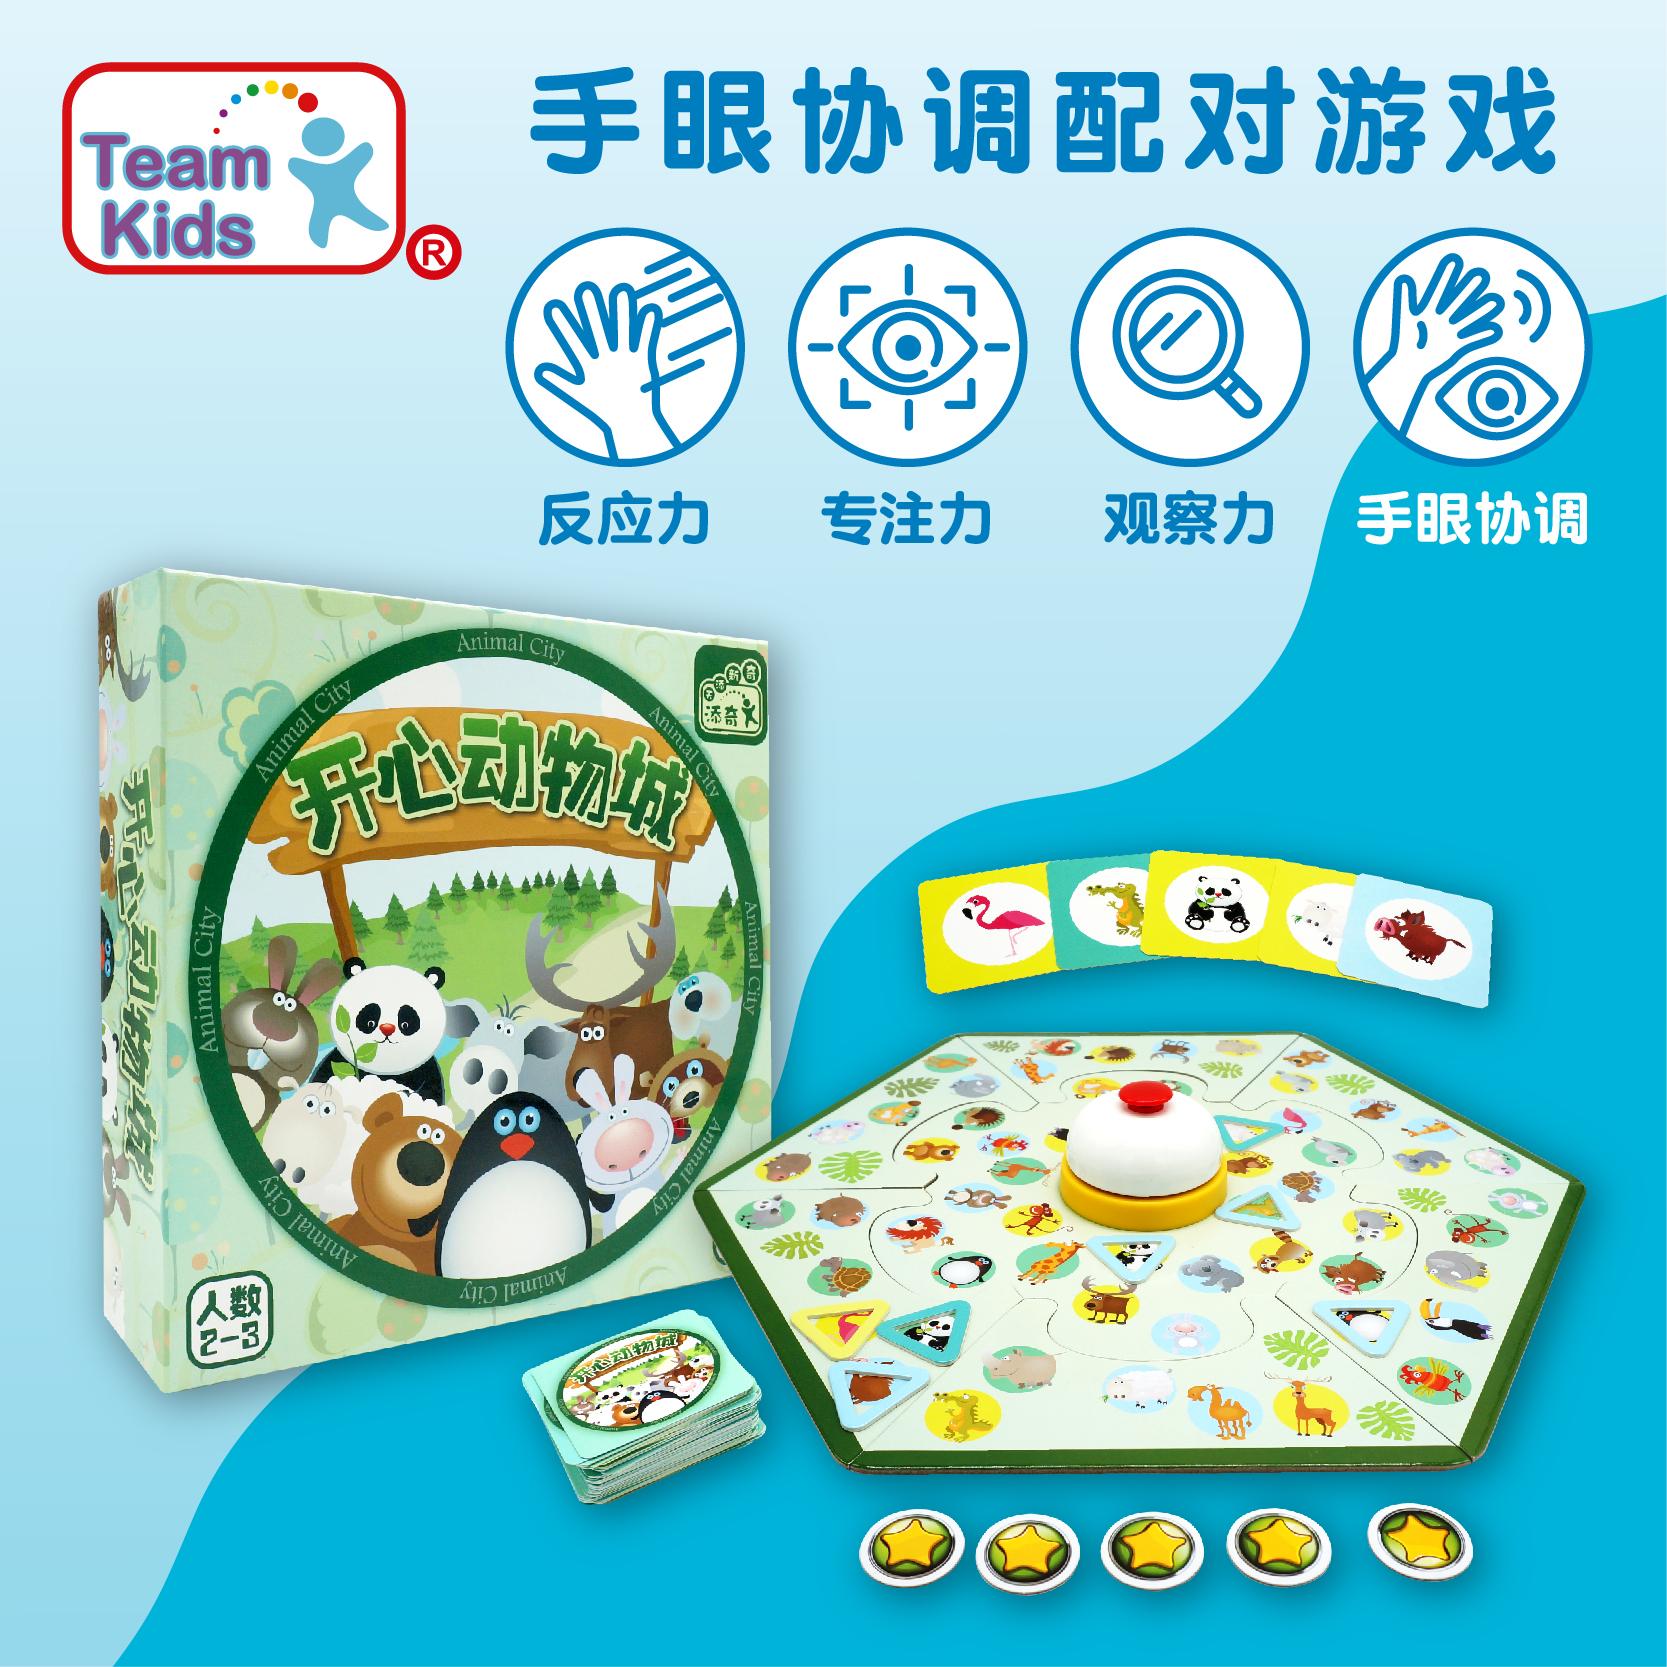 添奇3岁儿童专注力训练玩具5棋类益智桌游6多人亲子游戏4互动找图